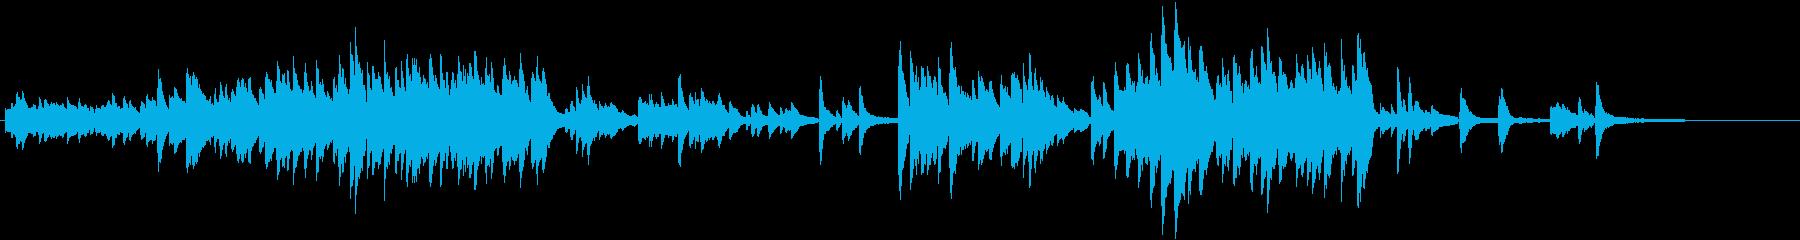 映像、CM等に合う儚く感動的なソロピアノの再生済みの波形